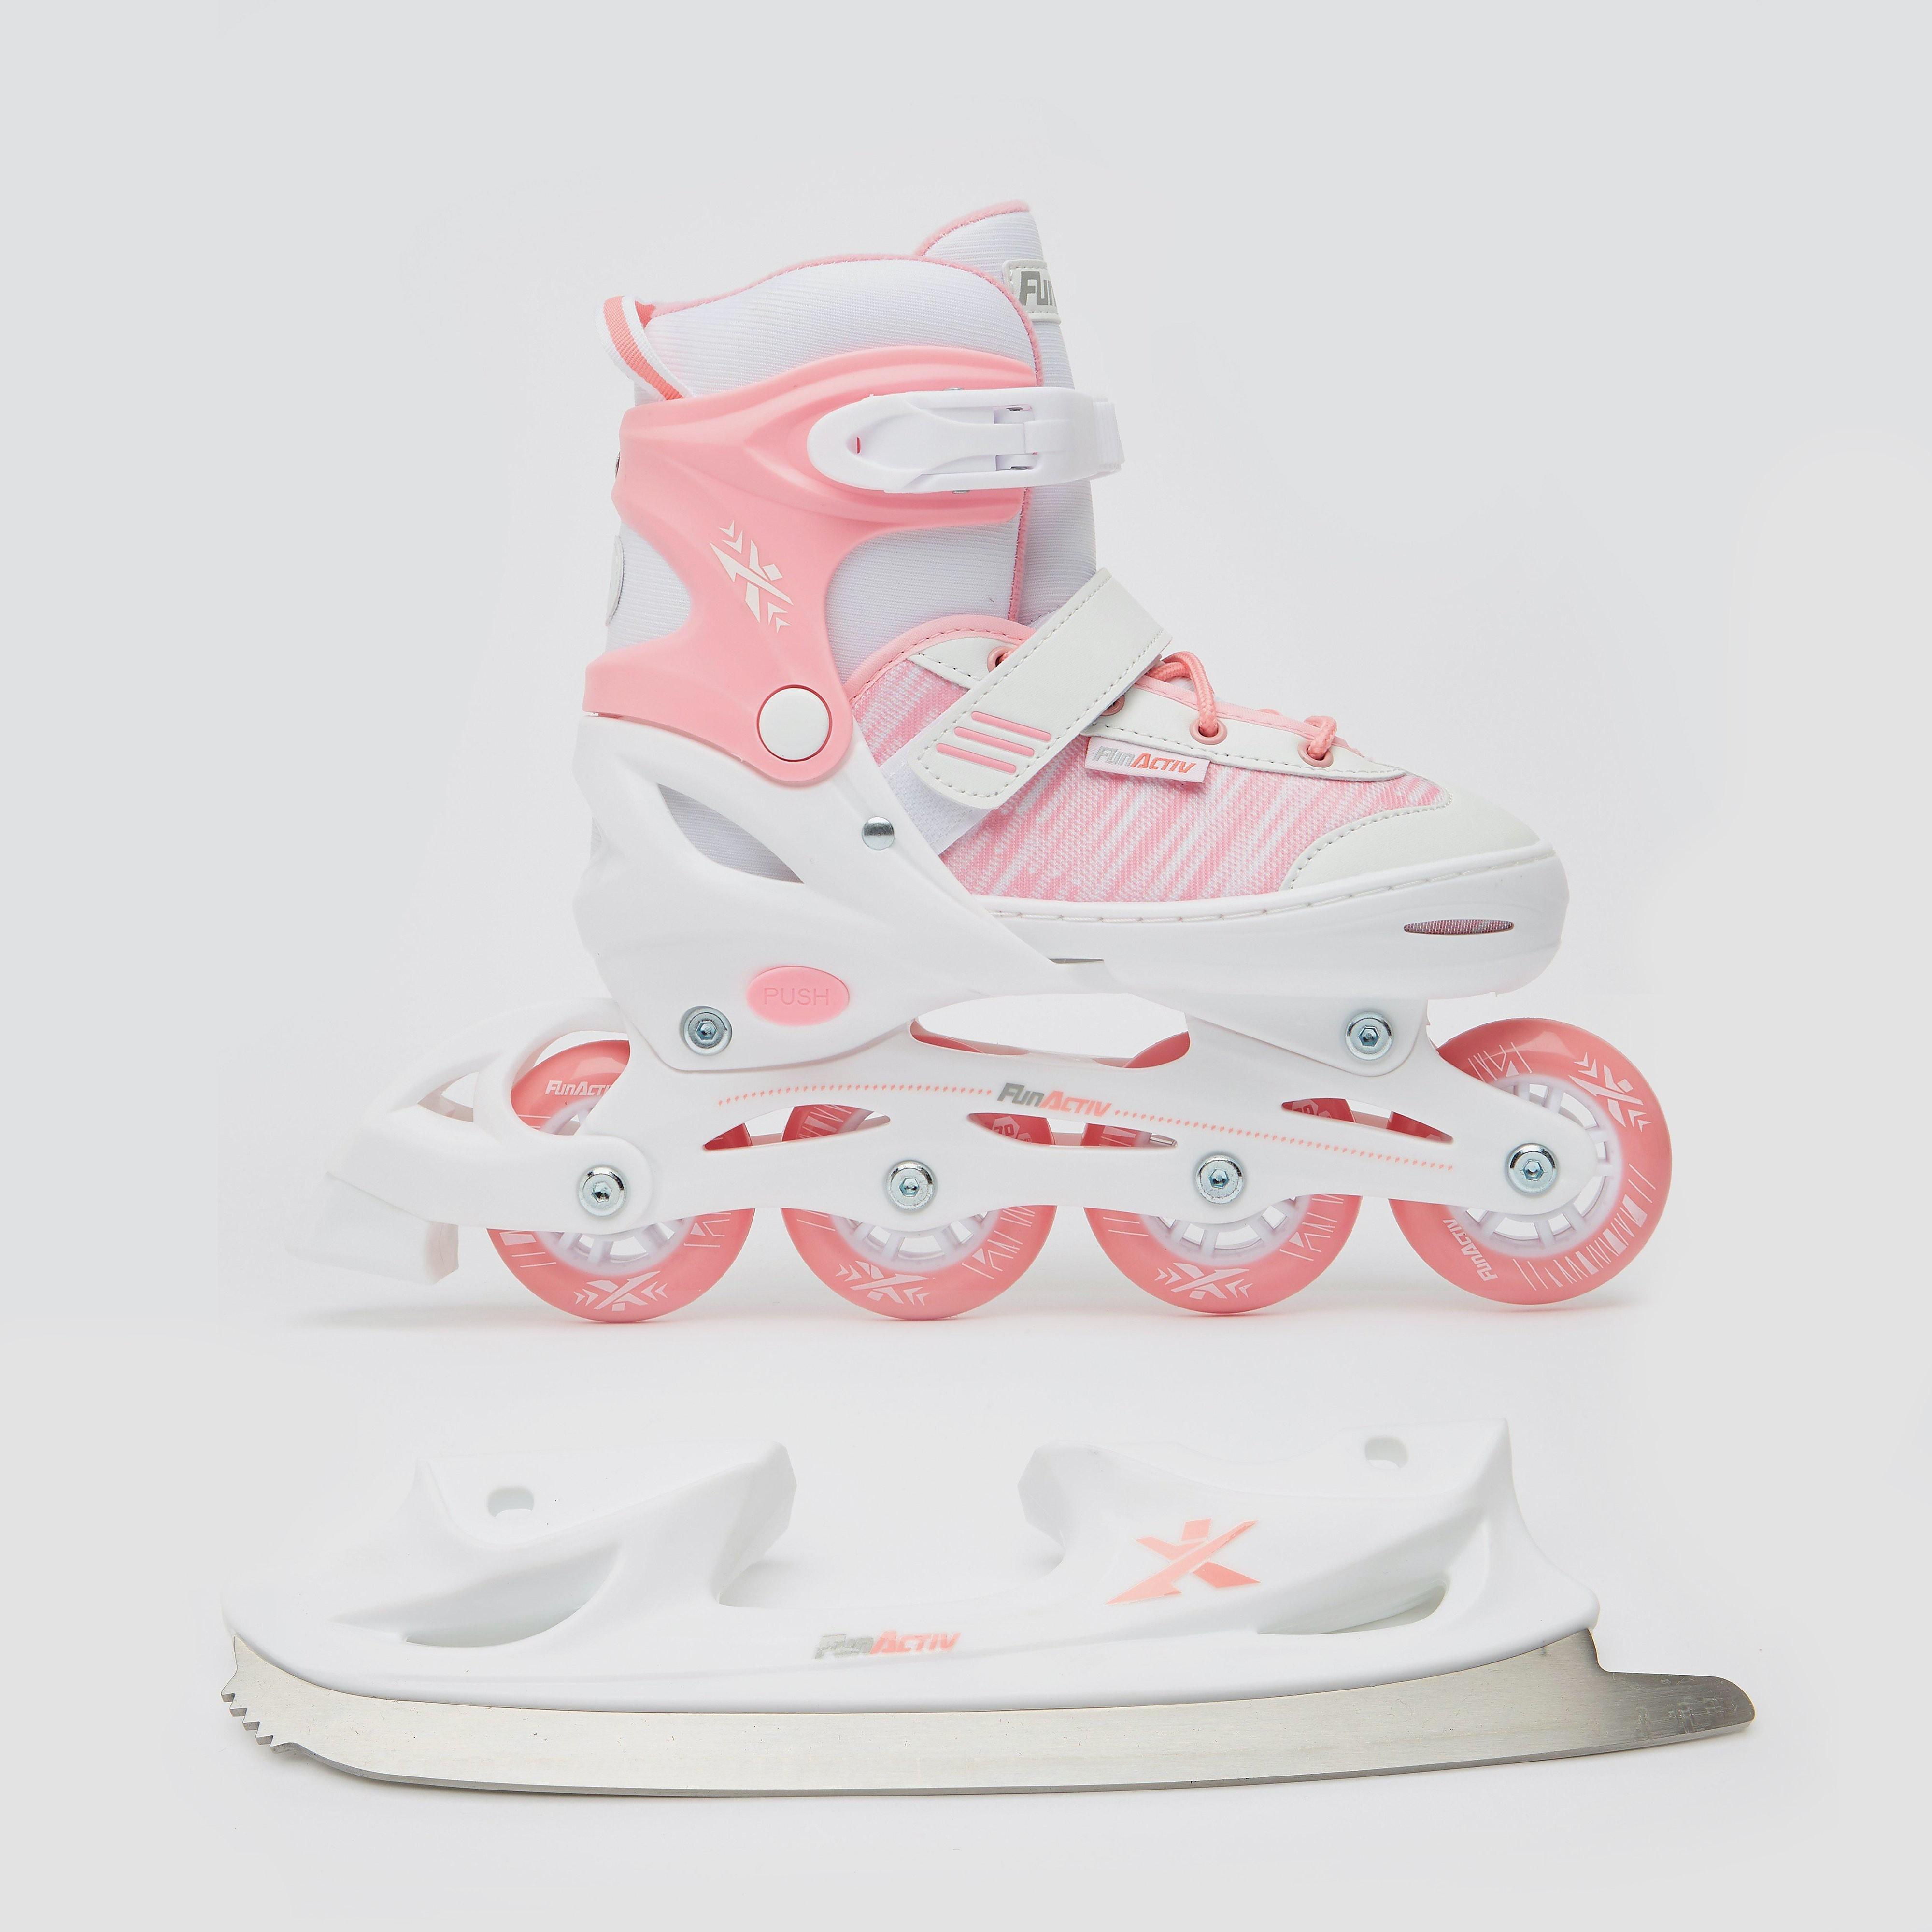 FUN-ACTIVE Orin duo schaatsen/skeelers roze kinderen Kinderen